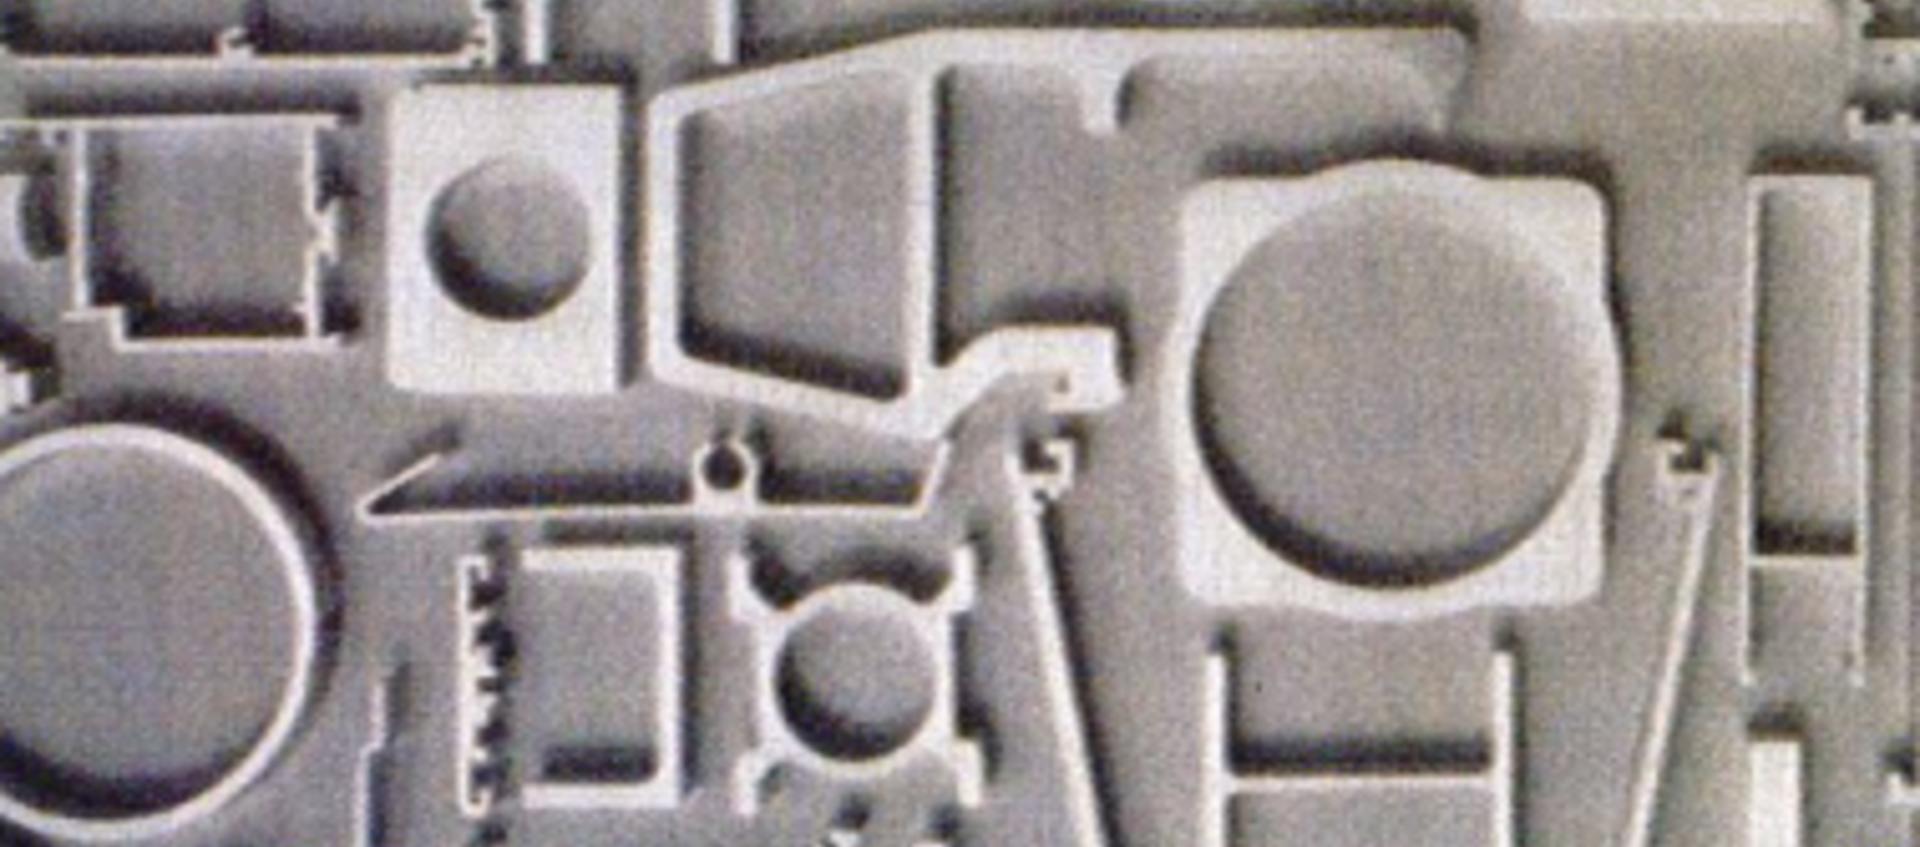 Materialen en hun lasbaarheid groep 23 volgens ISO/TR 15608